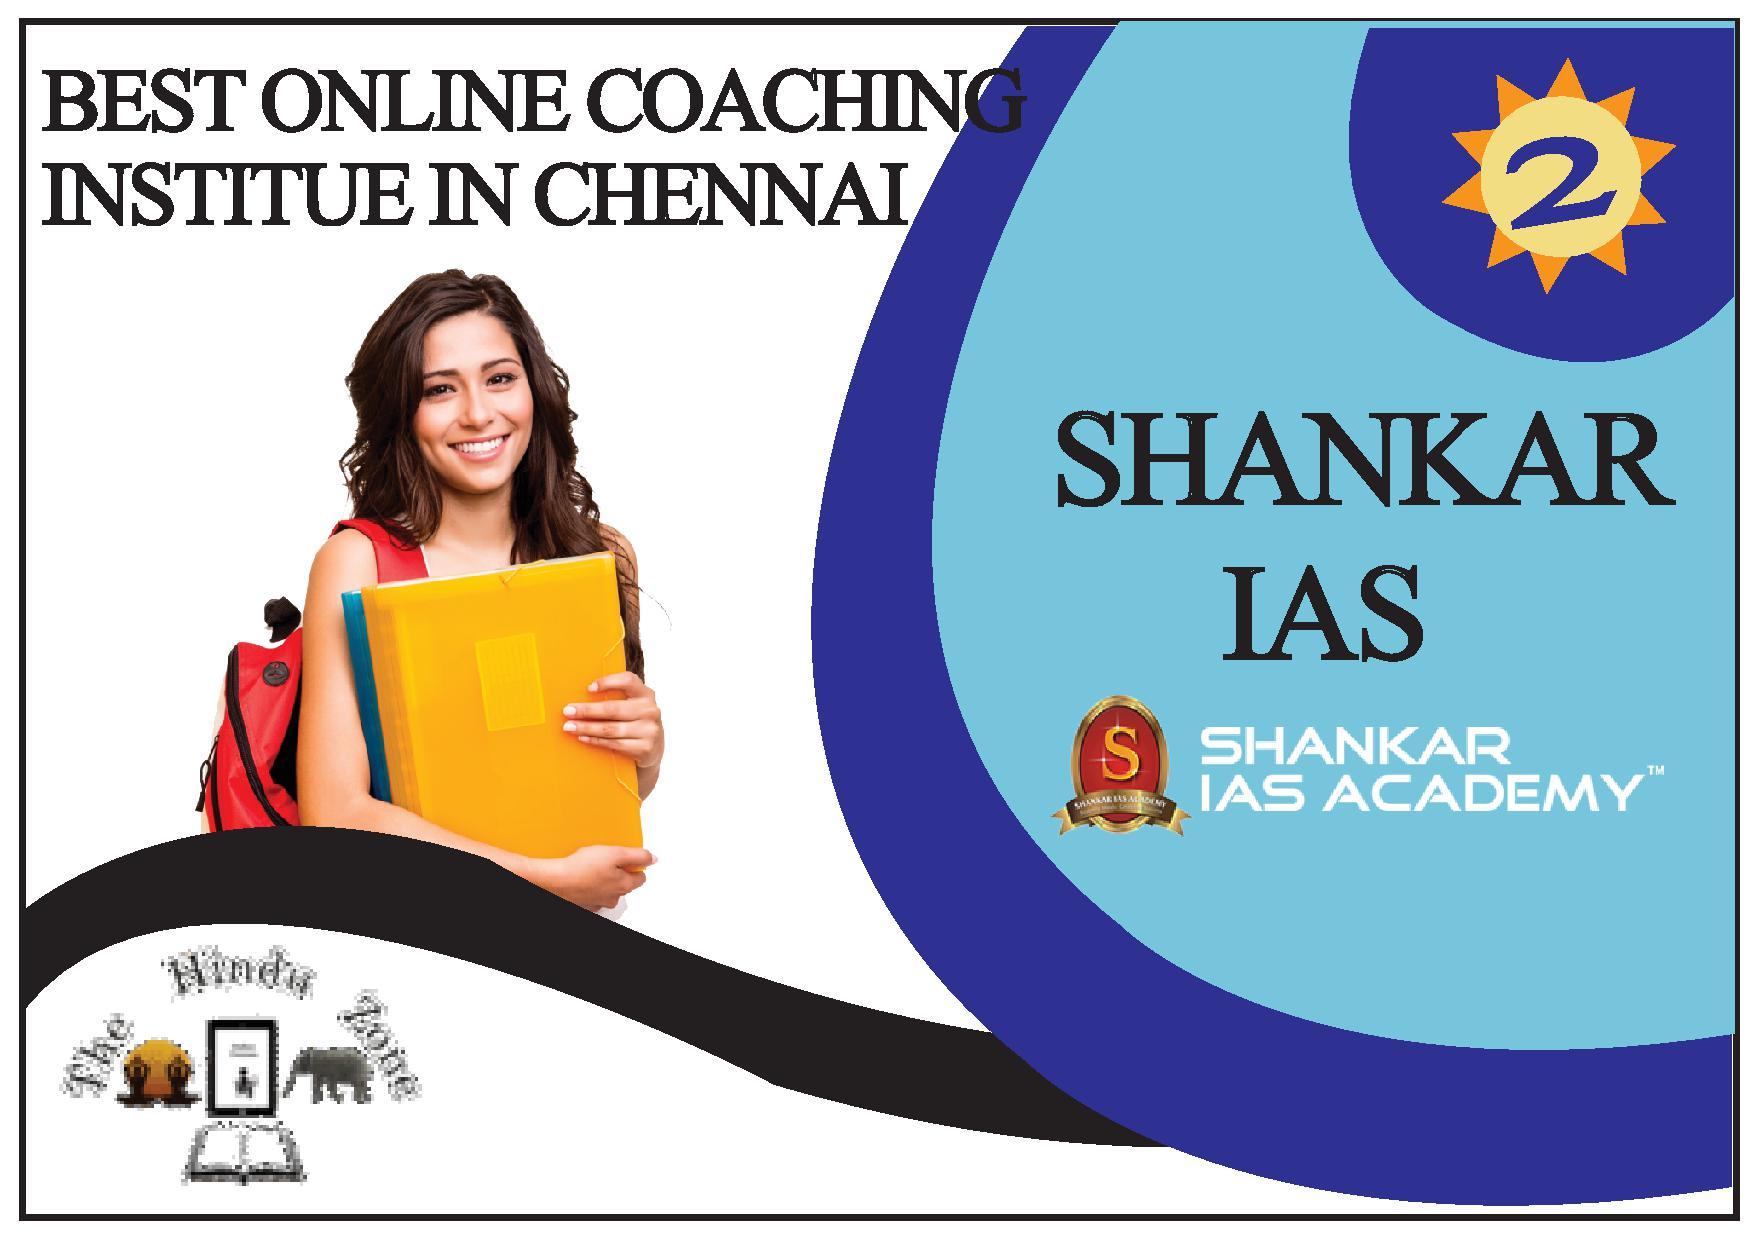 Shankar IAS Online Coaching in Chennai